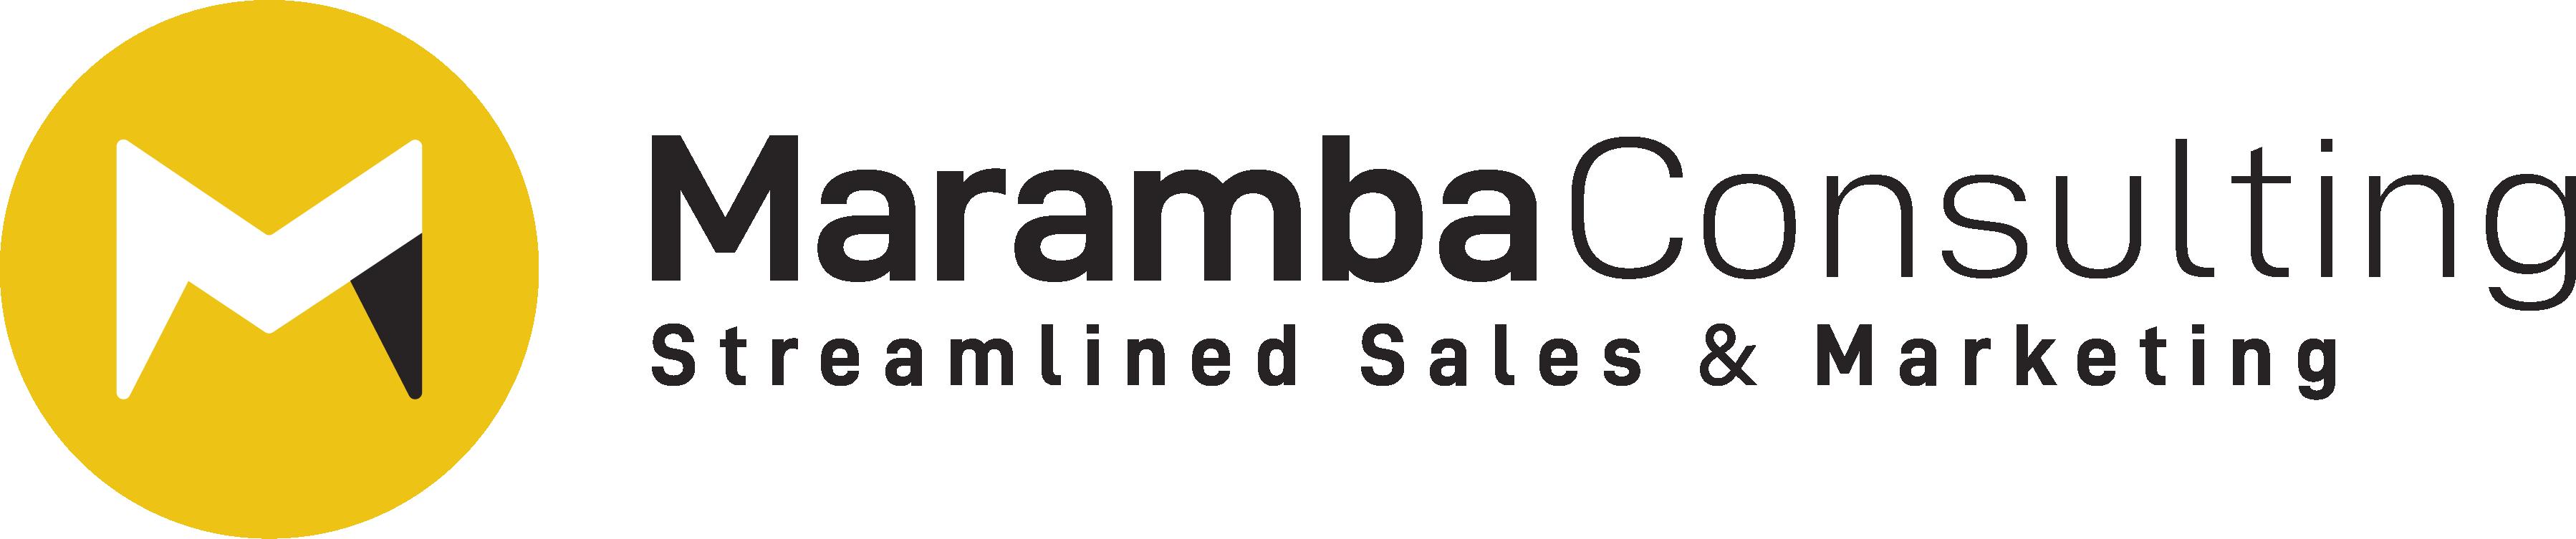 Maramba Consulting